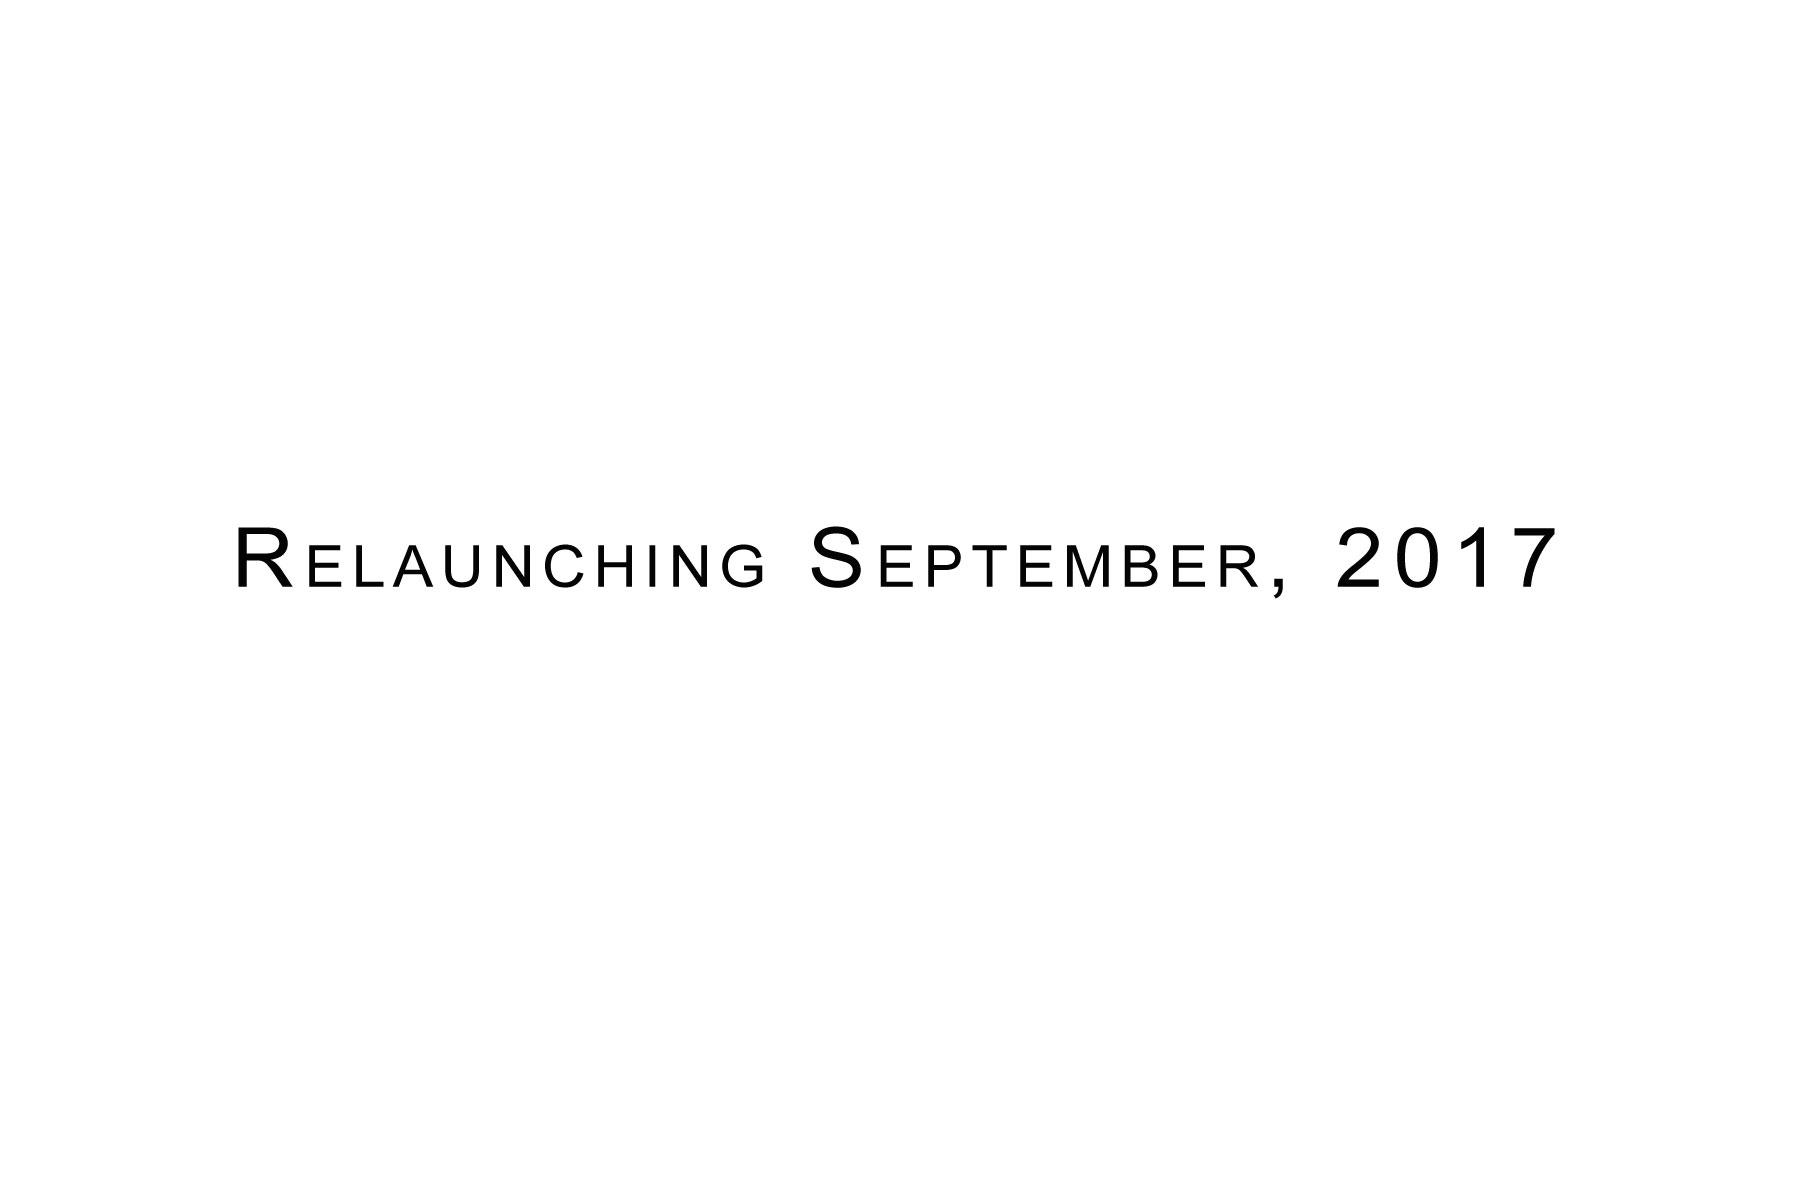 relaunching.jpg